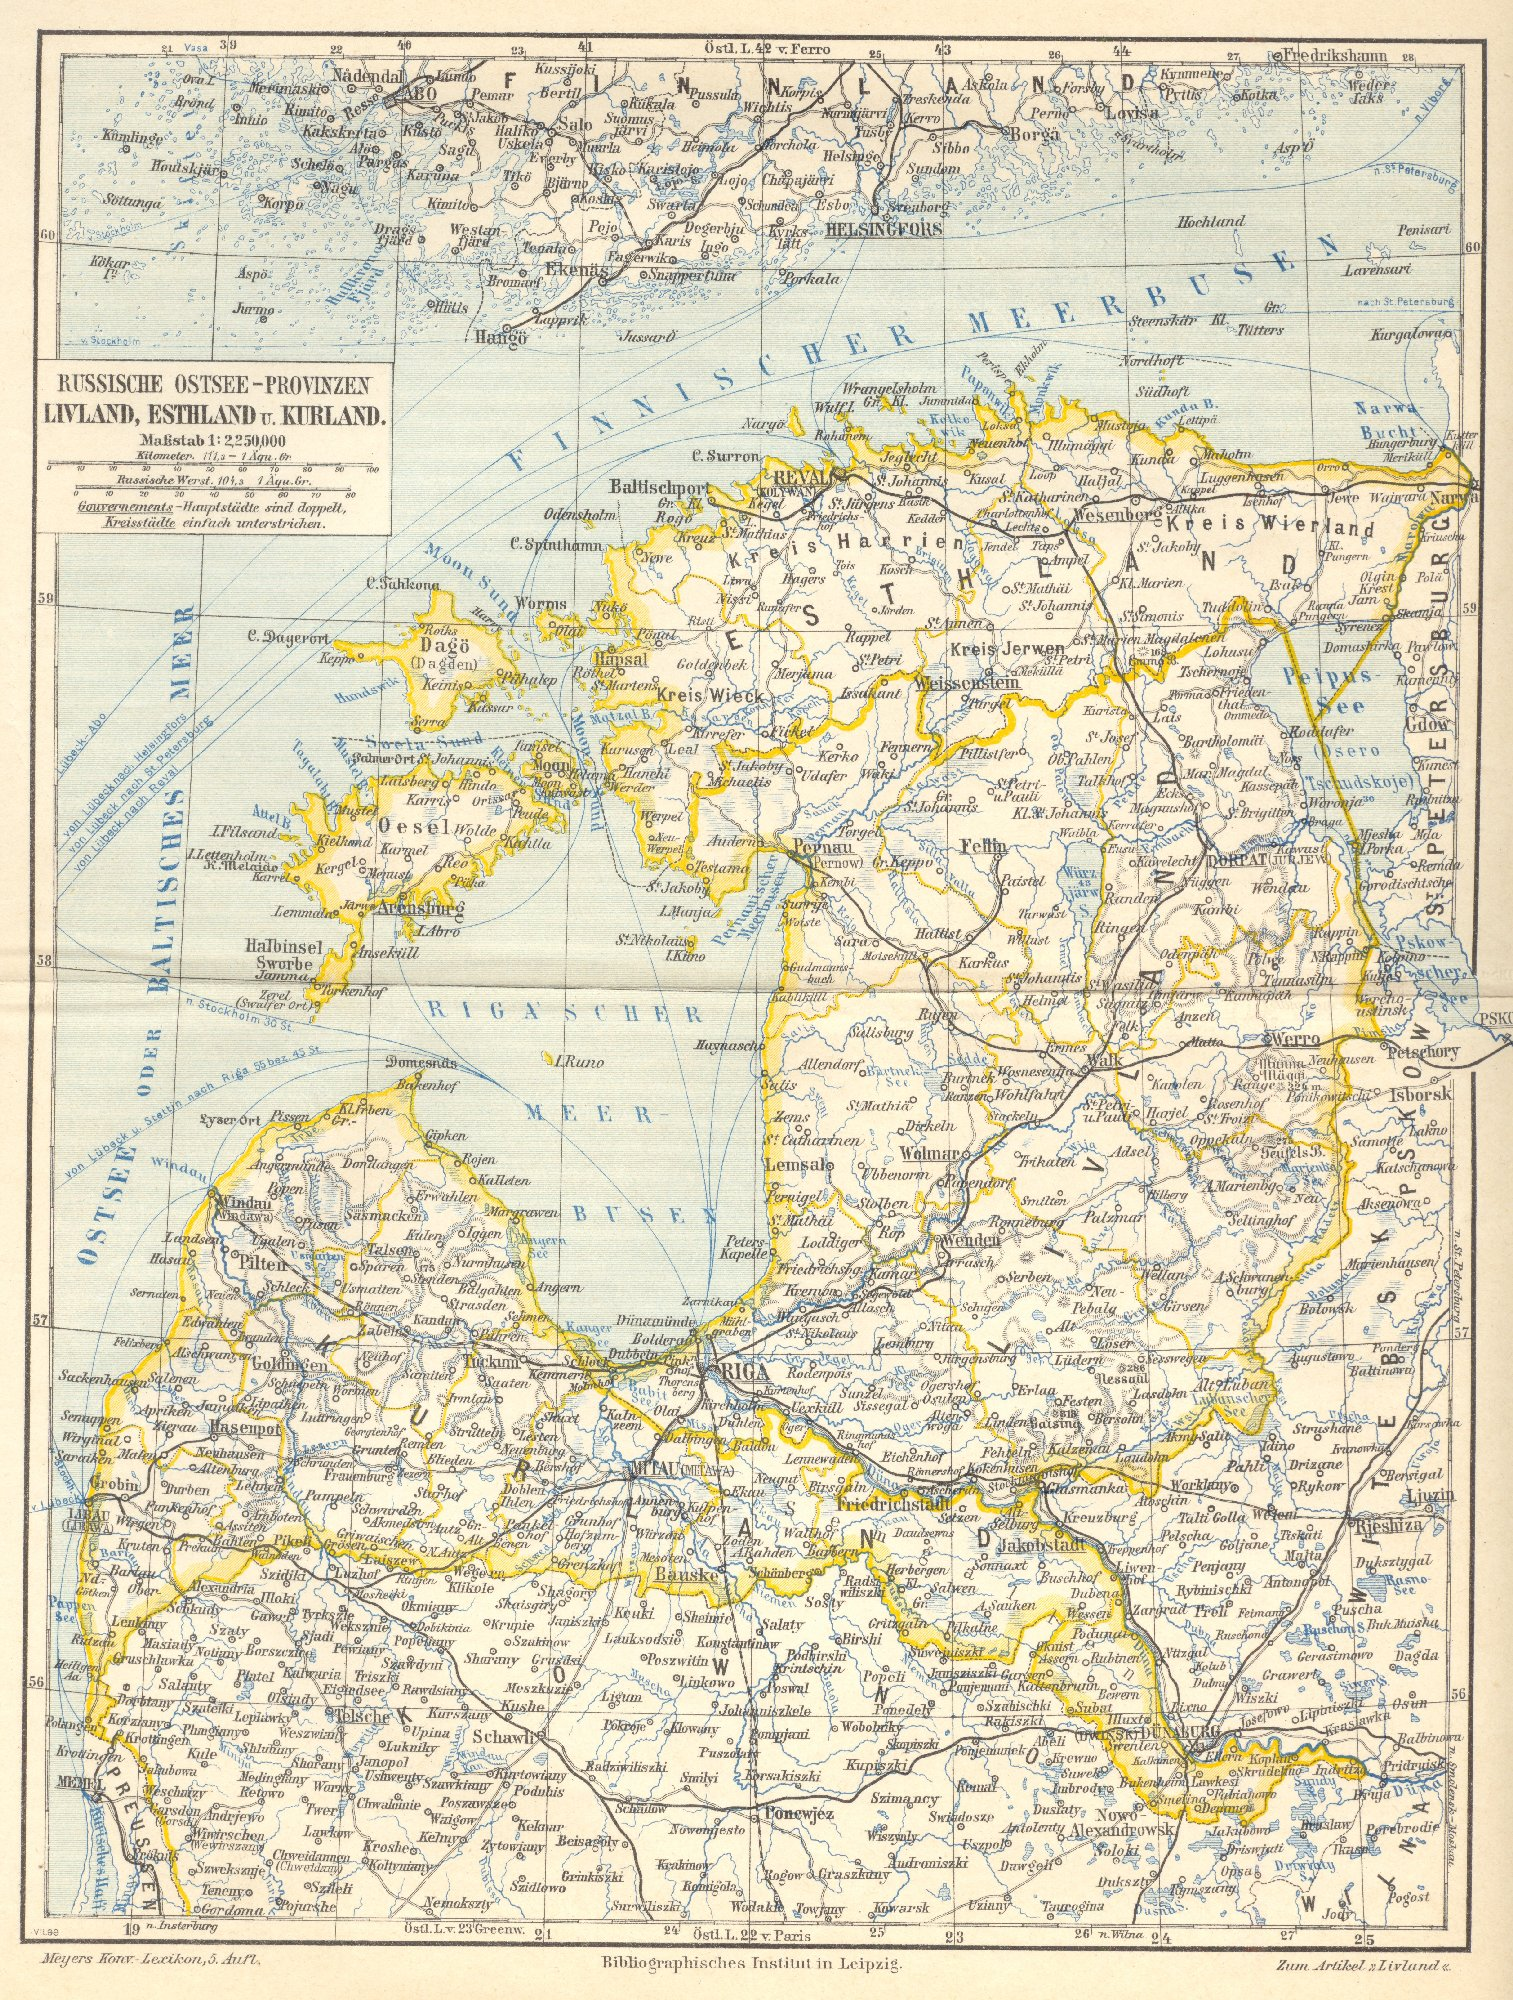 Lettland Karta Europa.Vobam Bilder Och Kartor Fran Hela Varlden Antika Och Nytryck